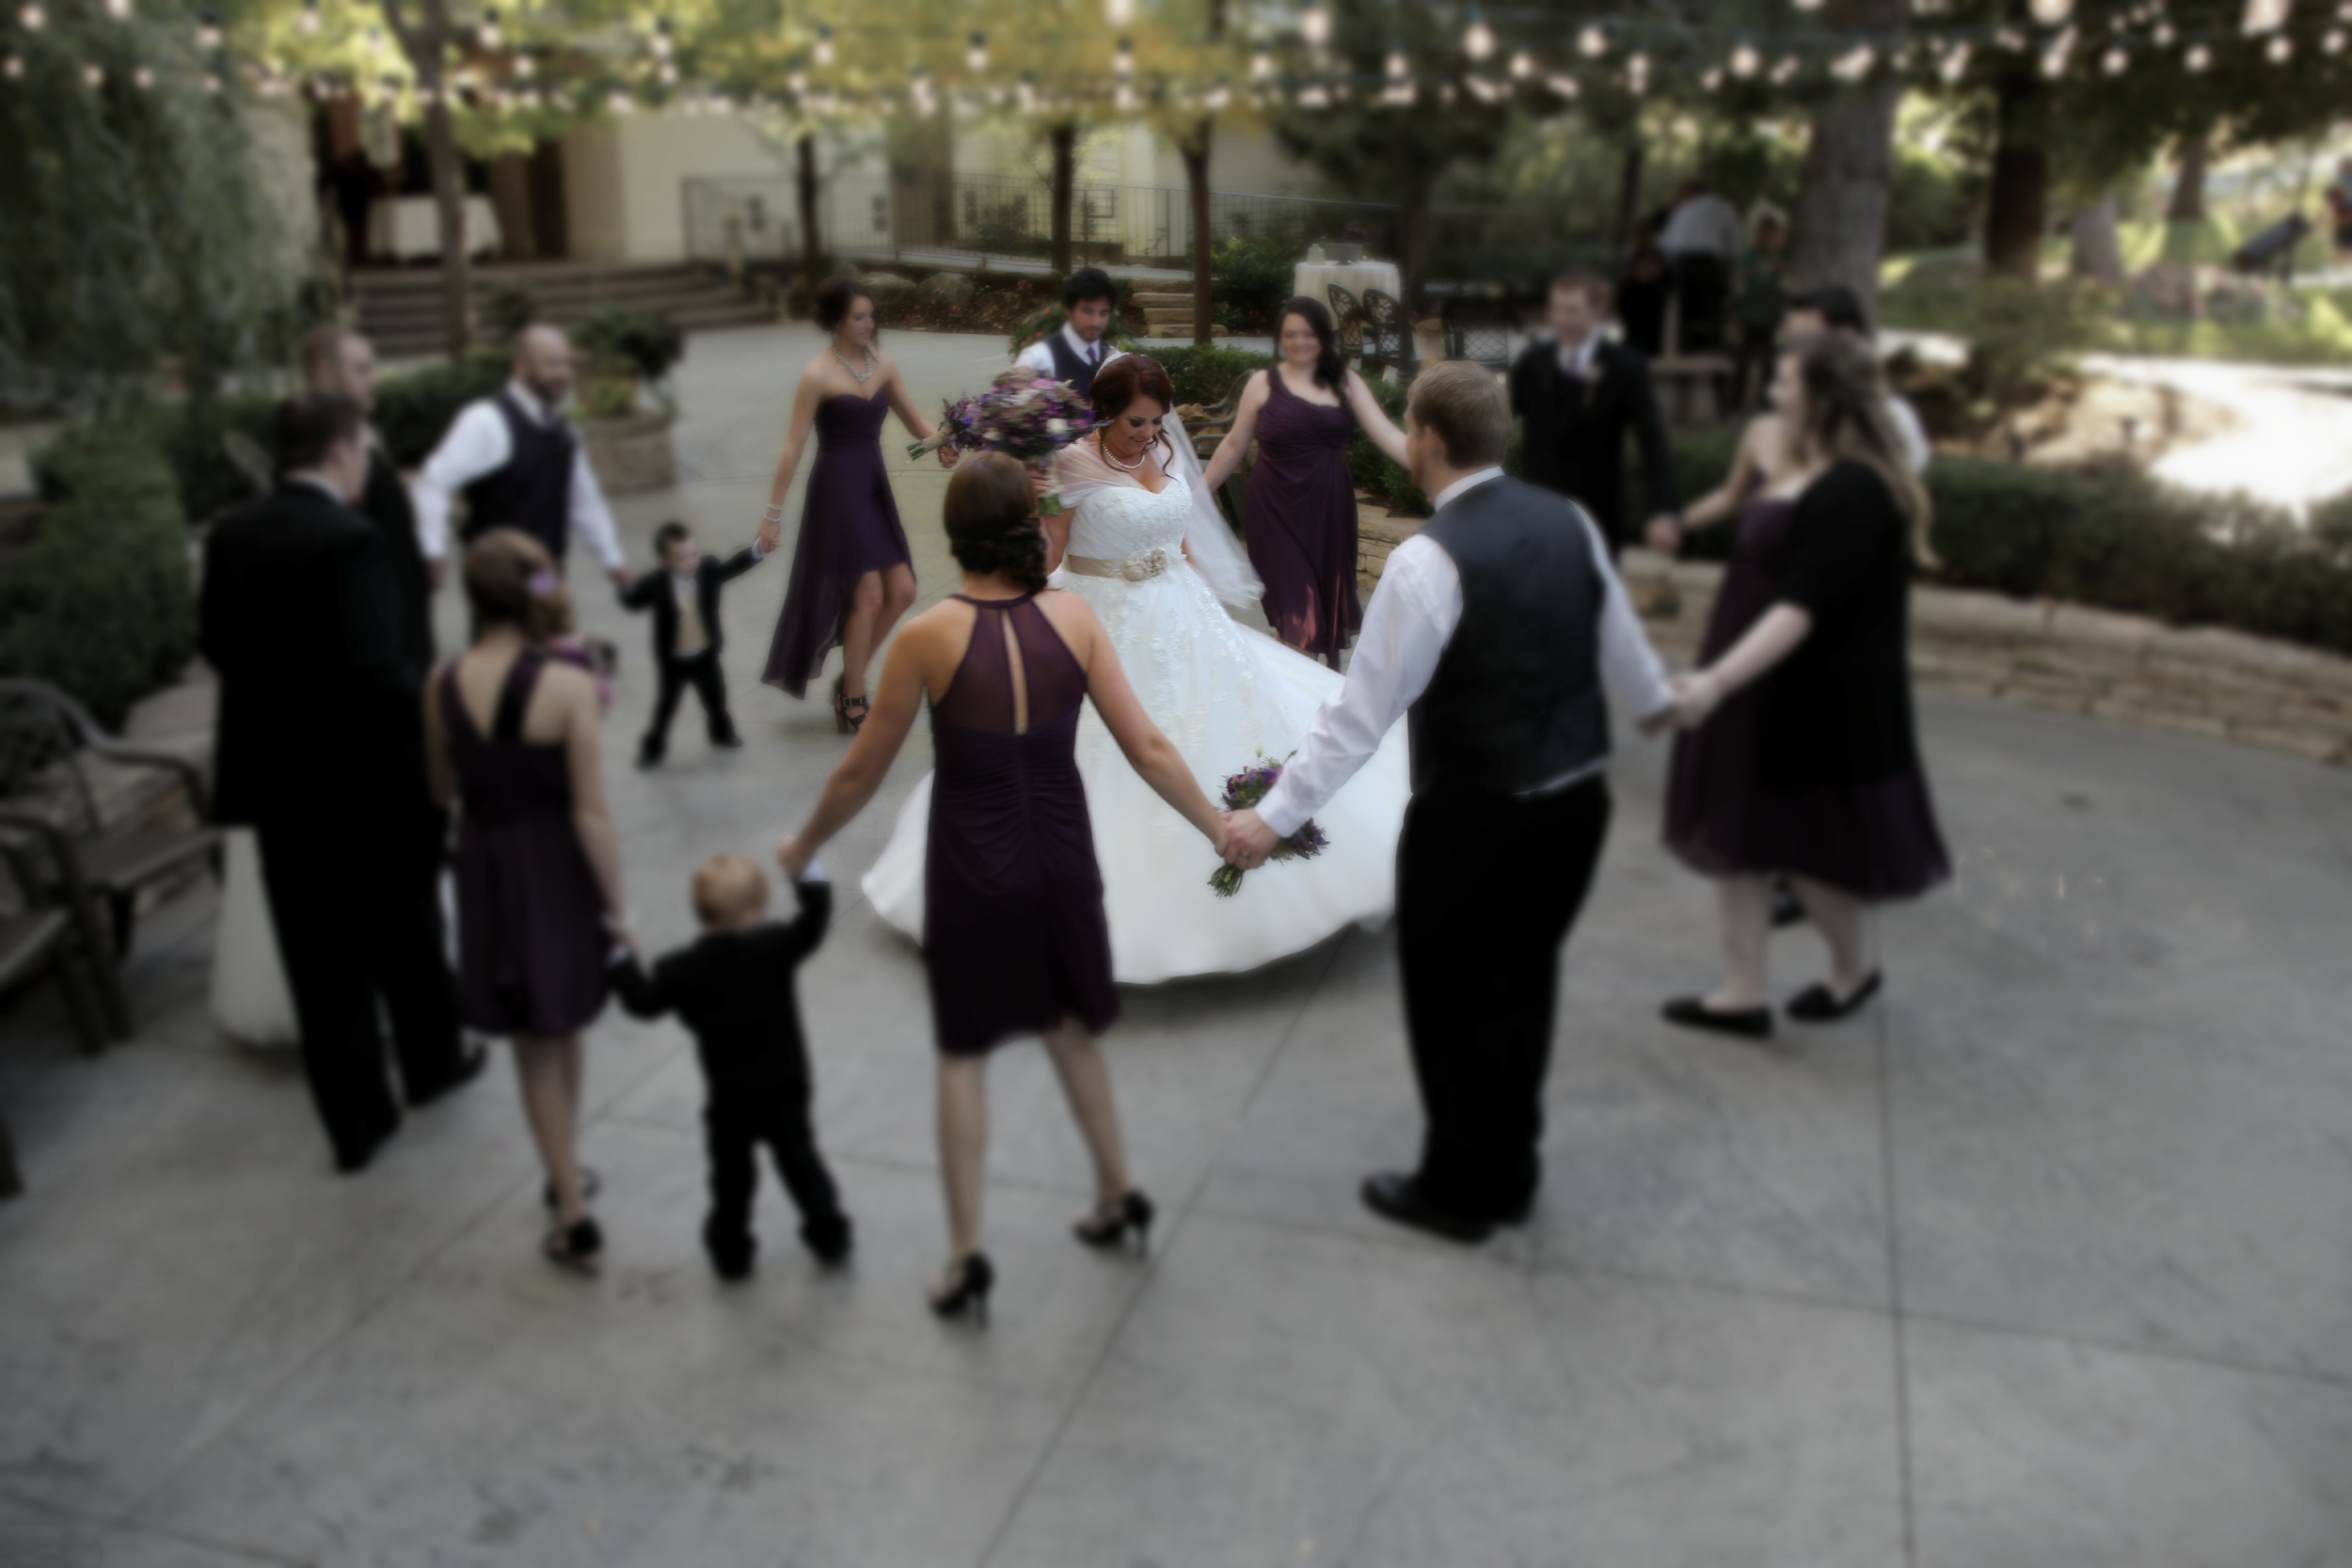 Bountiful Utah Candid wedding photography